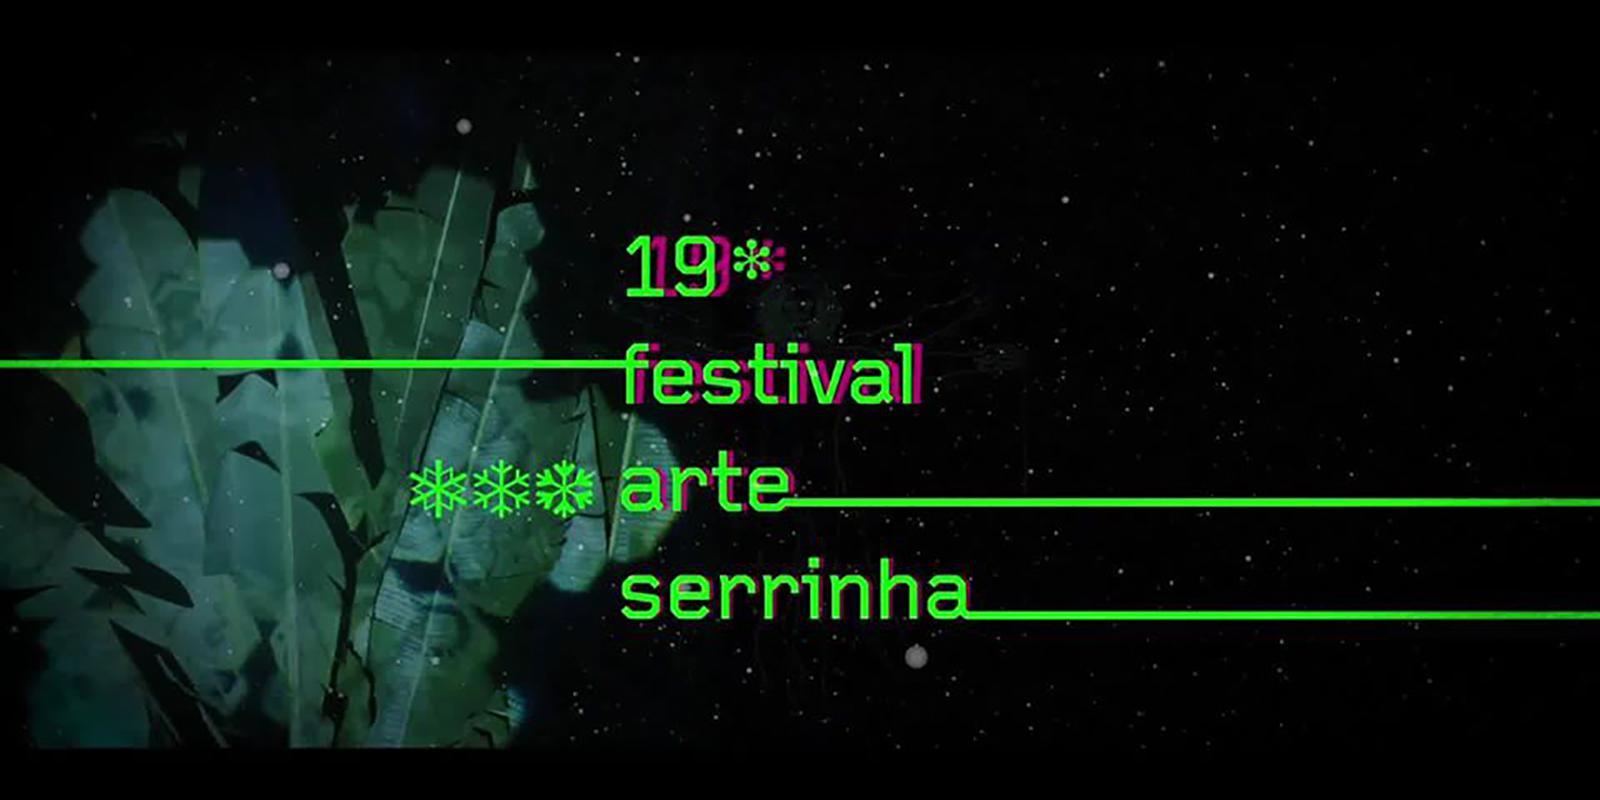 19º. Festival Arte Serrinha já começou!